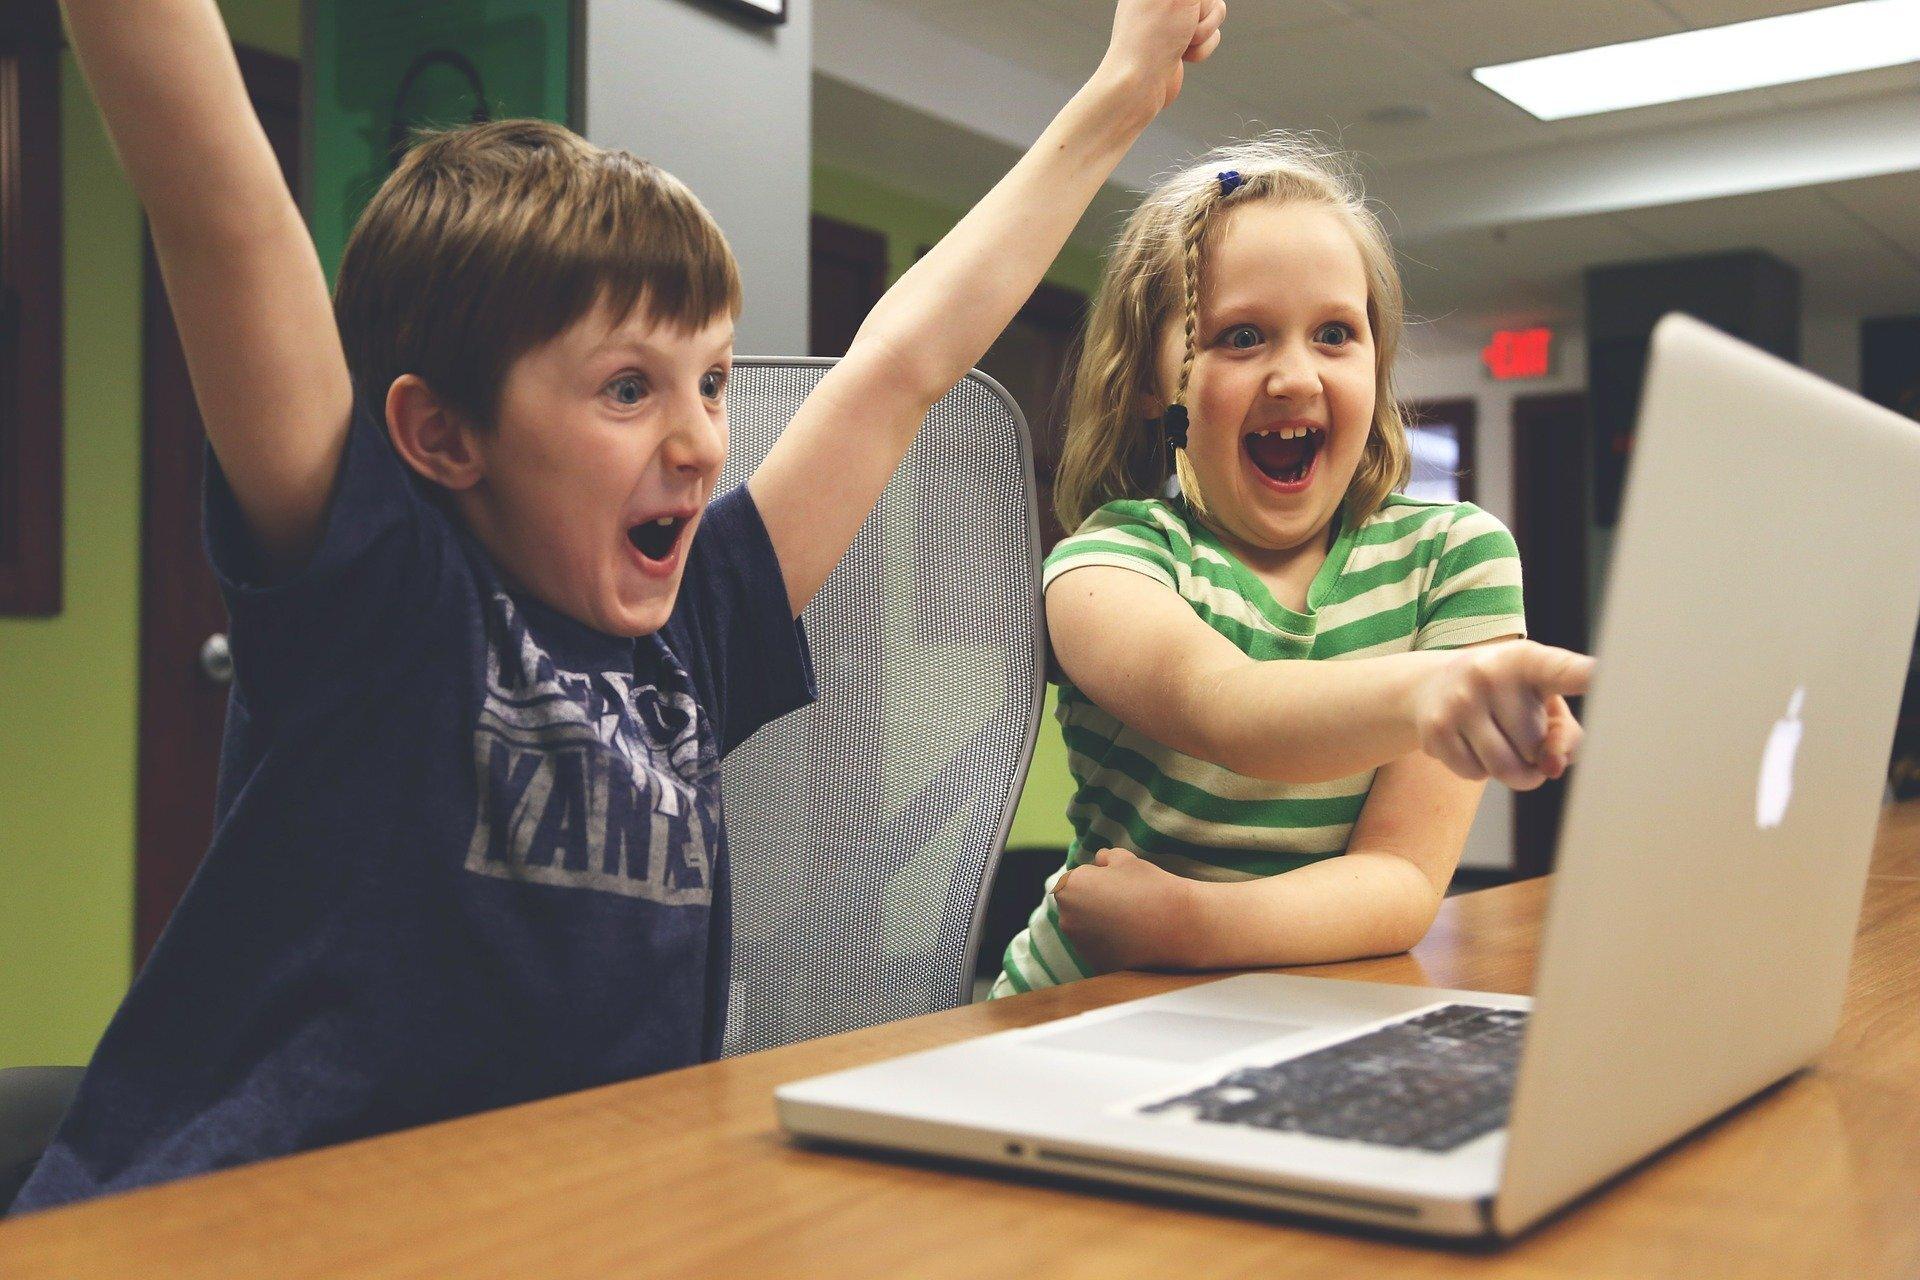 Foto: pixabay; Bild zeit Schüler vor einem Laptop